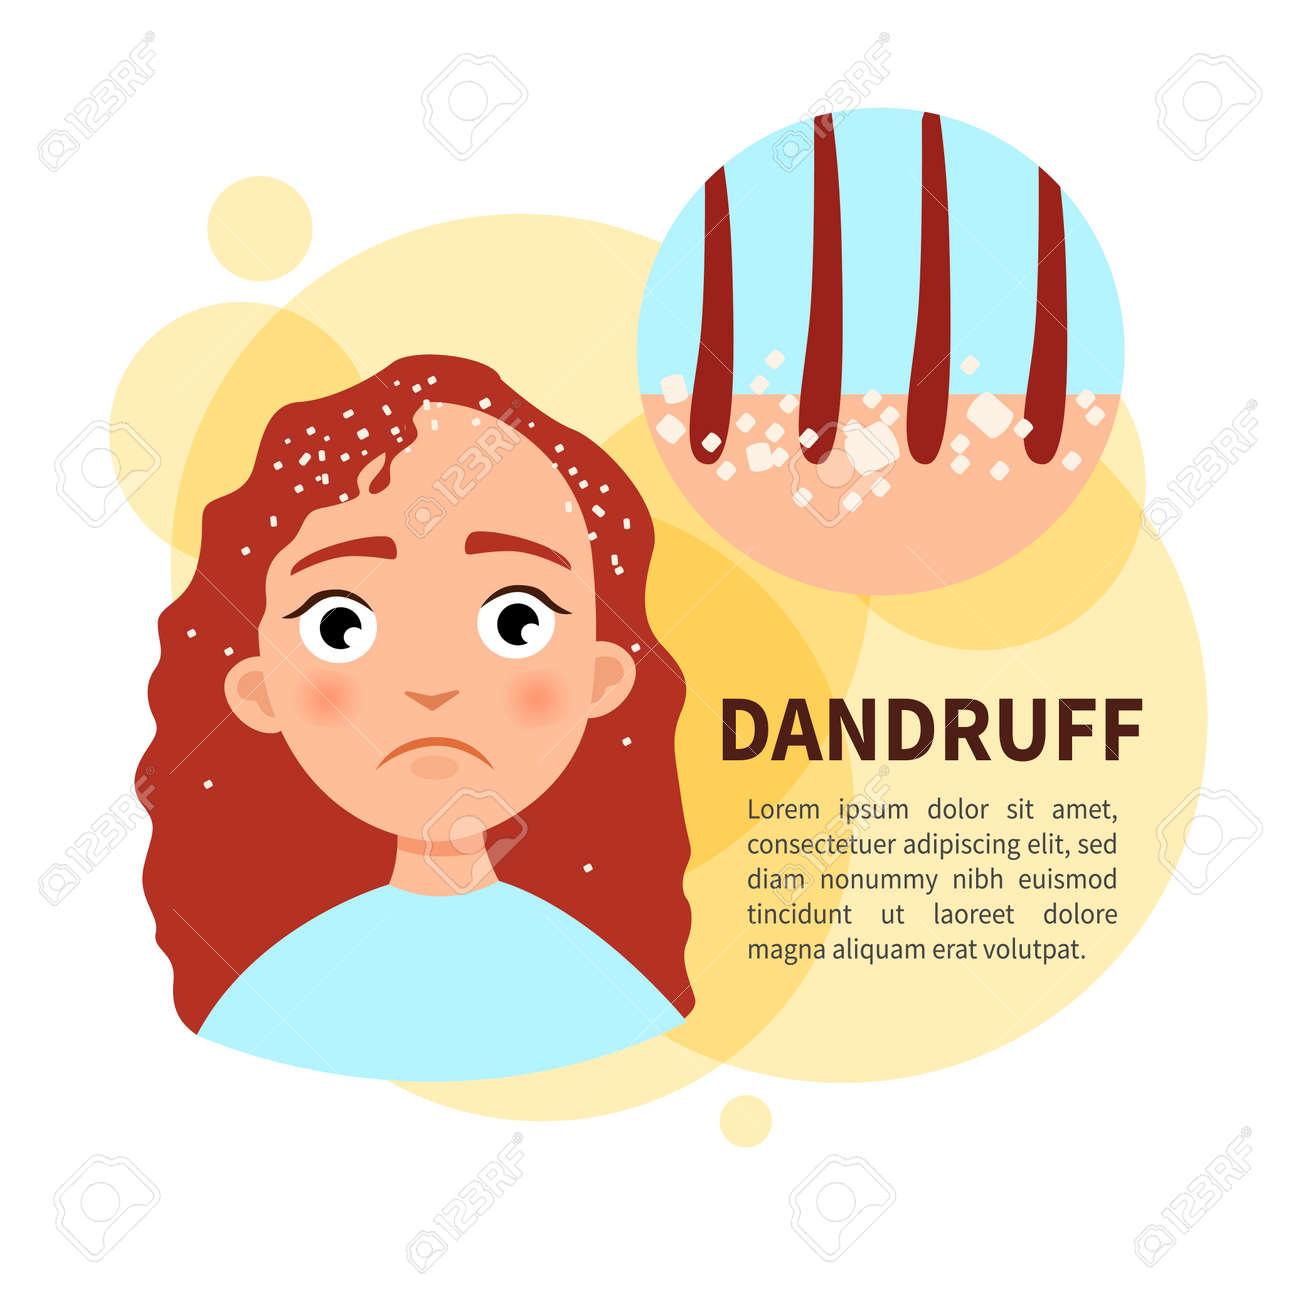 Vector poster. Dandruff. Sad cute girl. Disease of the skin. - 112339820